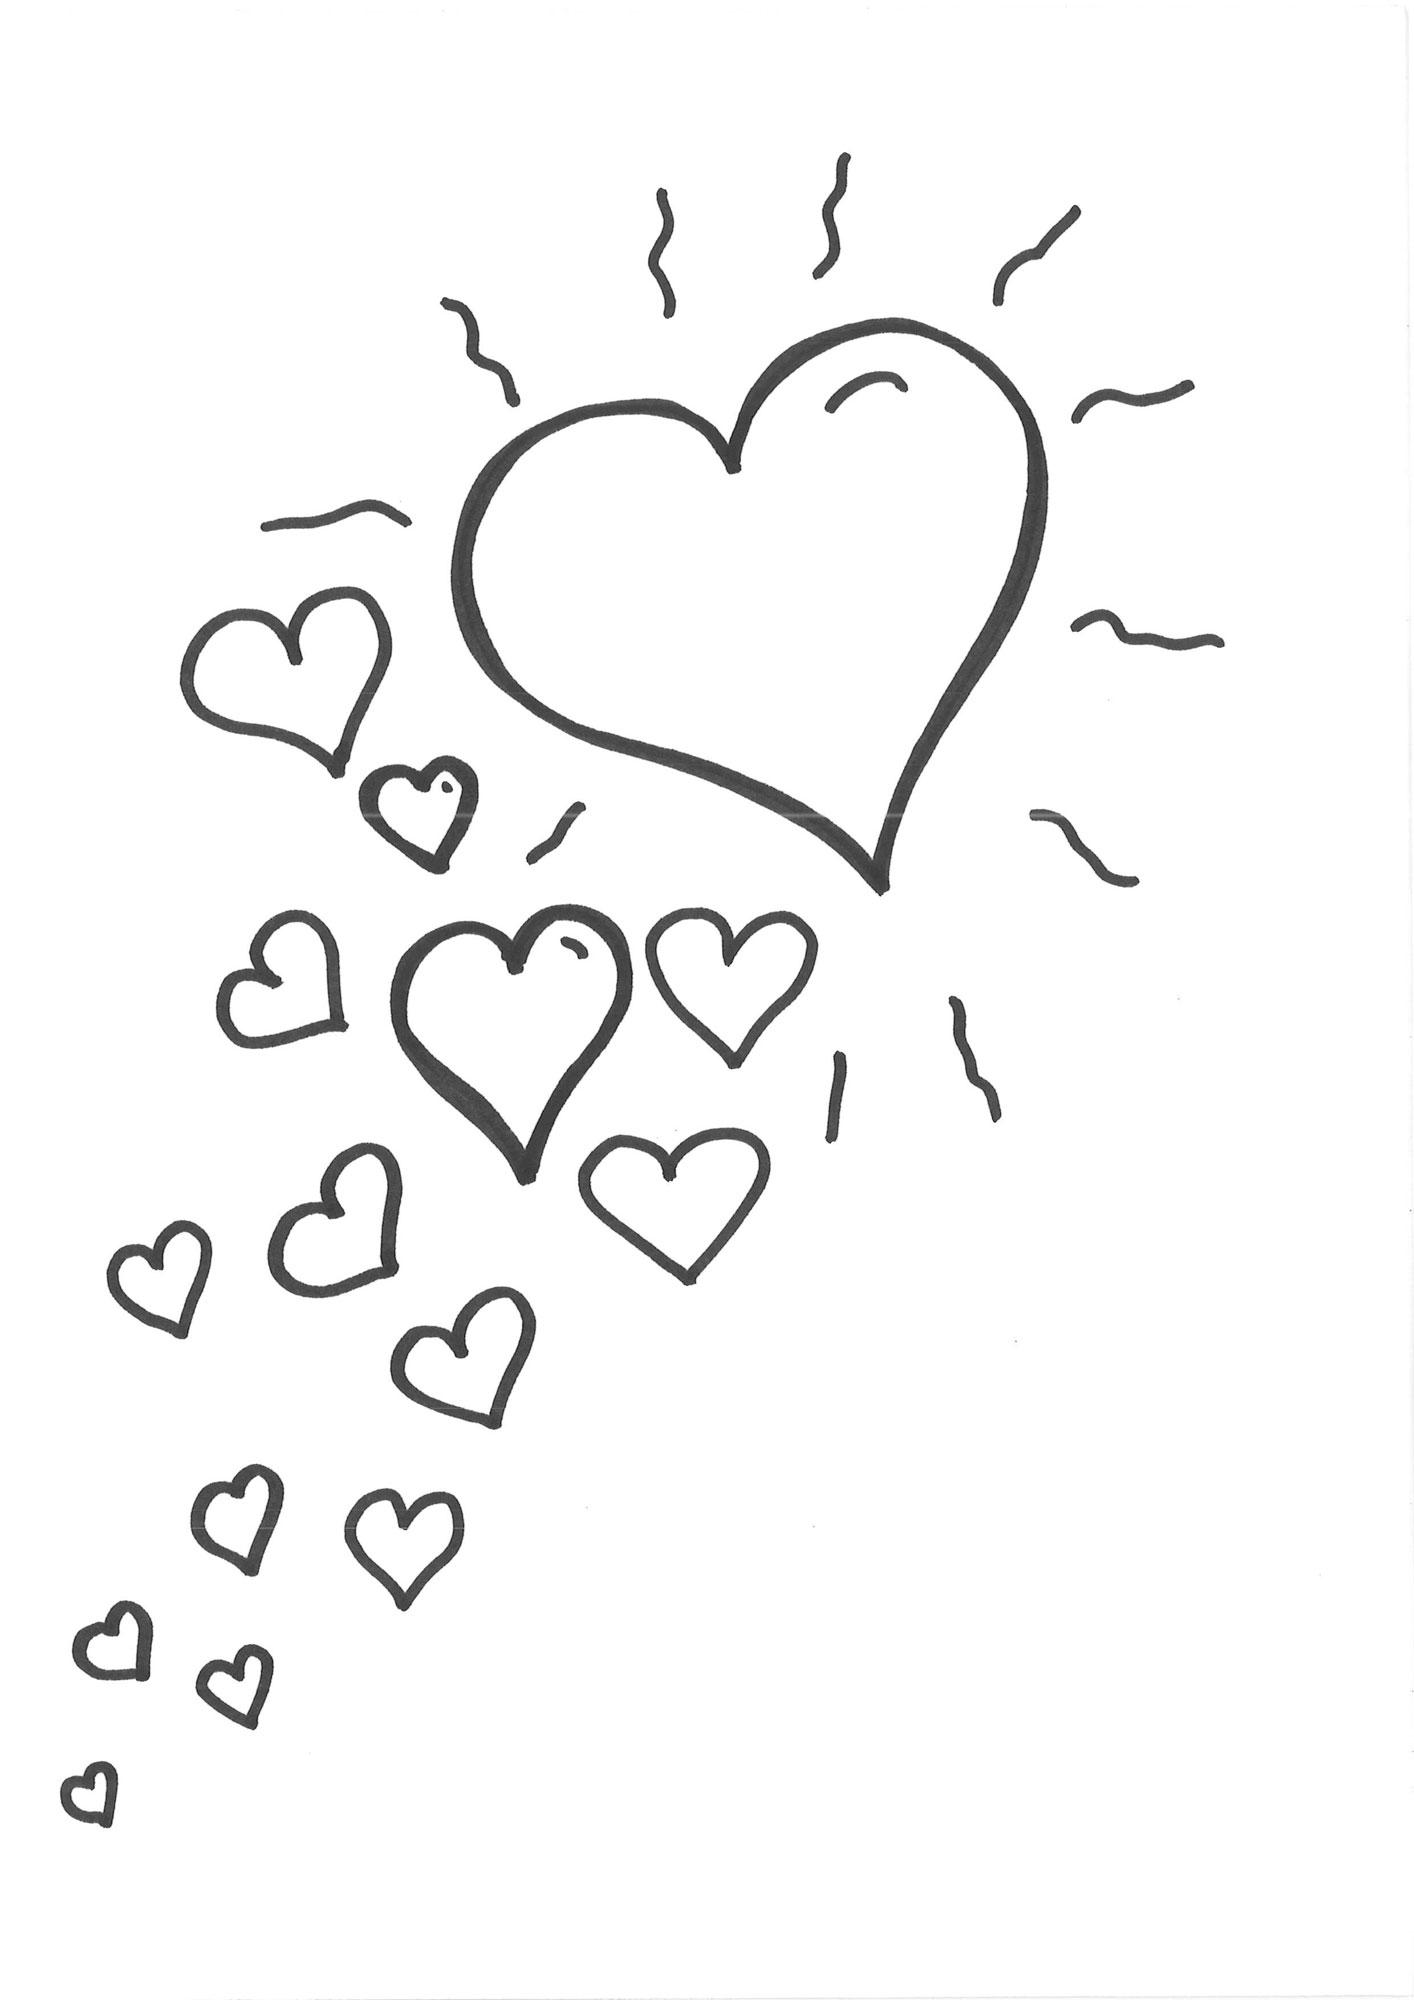 Kostenlose Malvorlage Herzen: Malvorlage Herzen zum Ausmalen